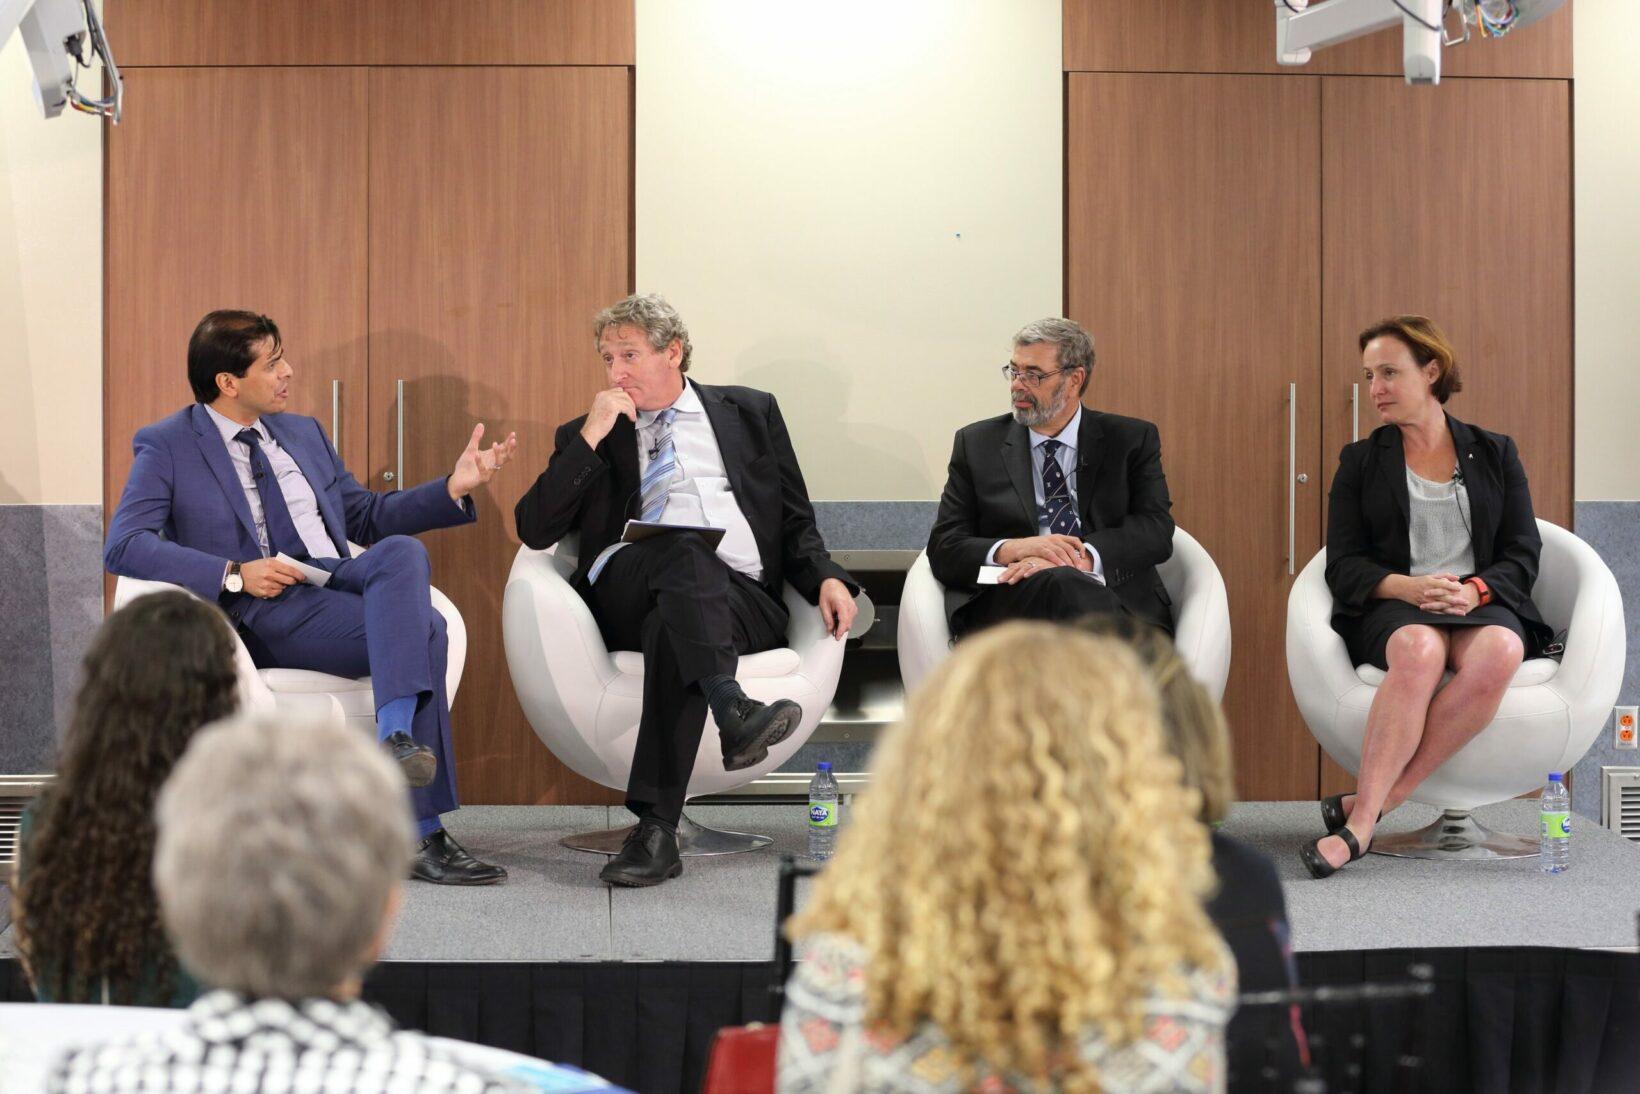 Panel symposium (Photo: Owen Egan)